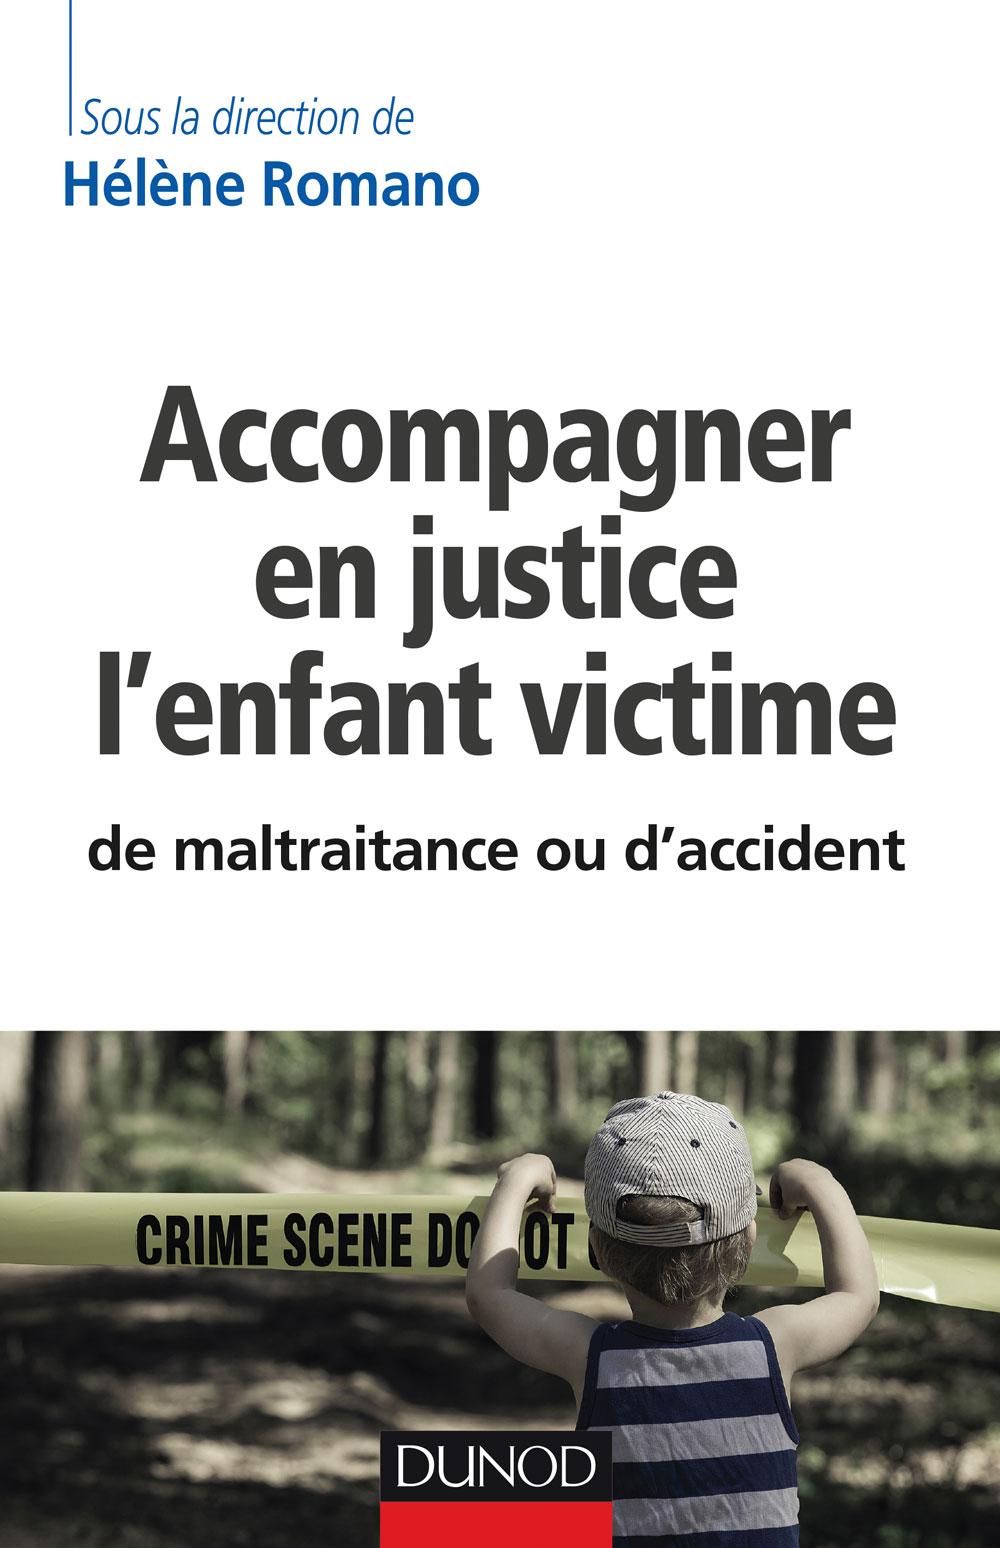 Accompagner en justice l'enfant victie de maltraitance ou d'accident